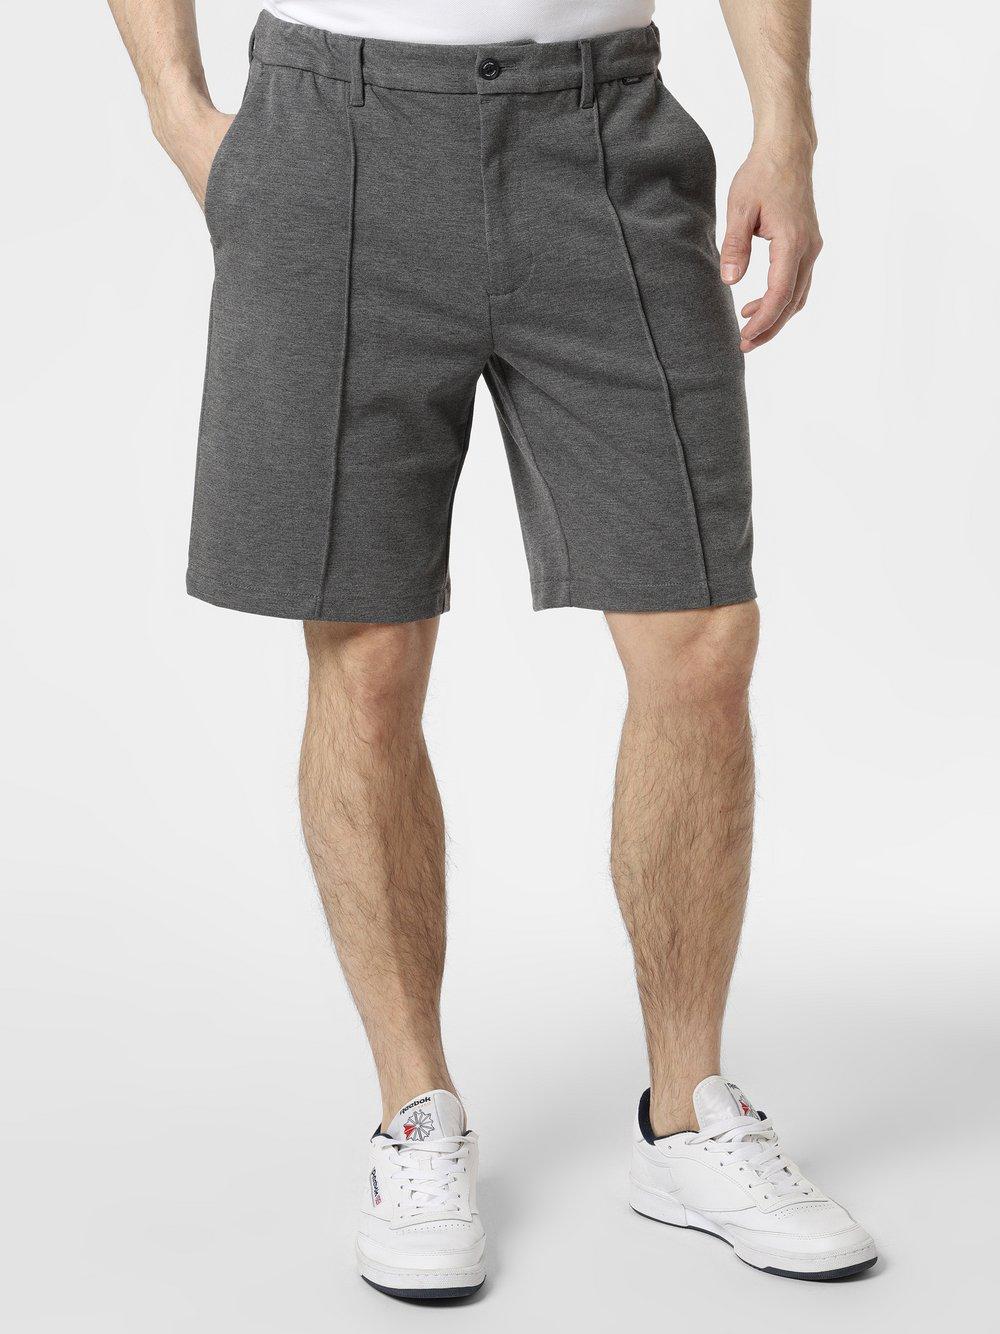 Calvin Klein - Spodenki dresowe męskie, szary